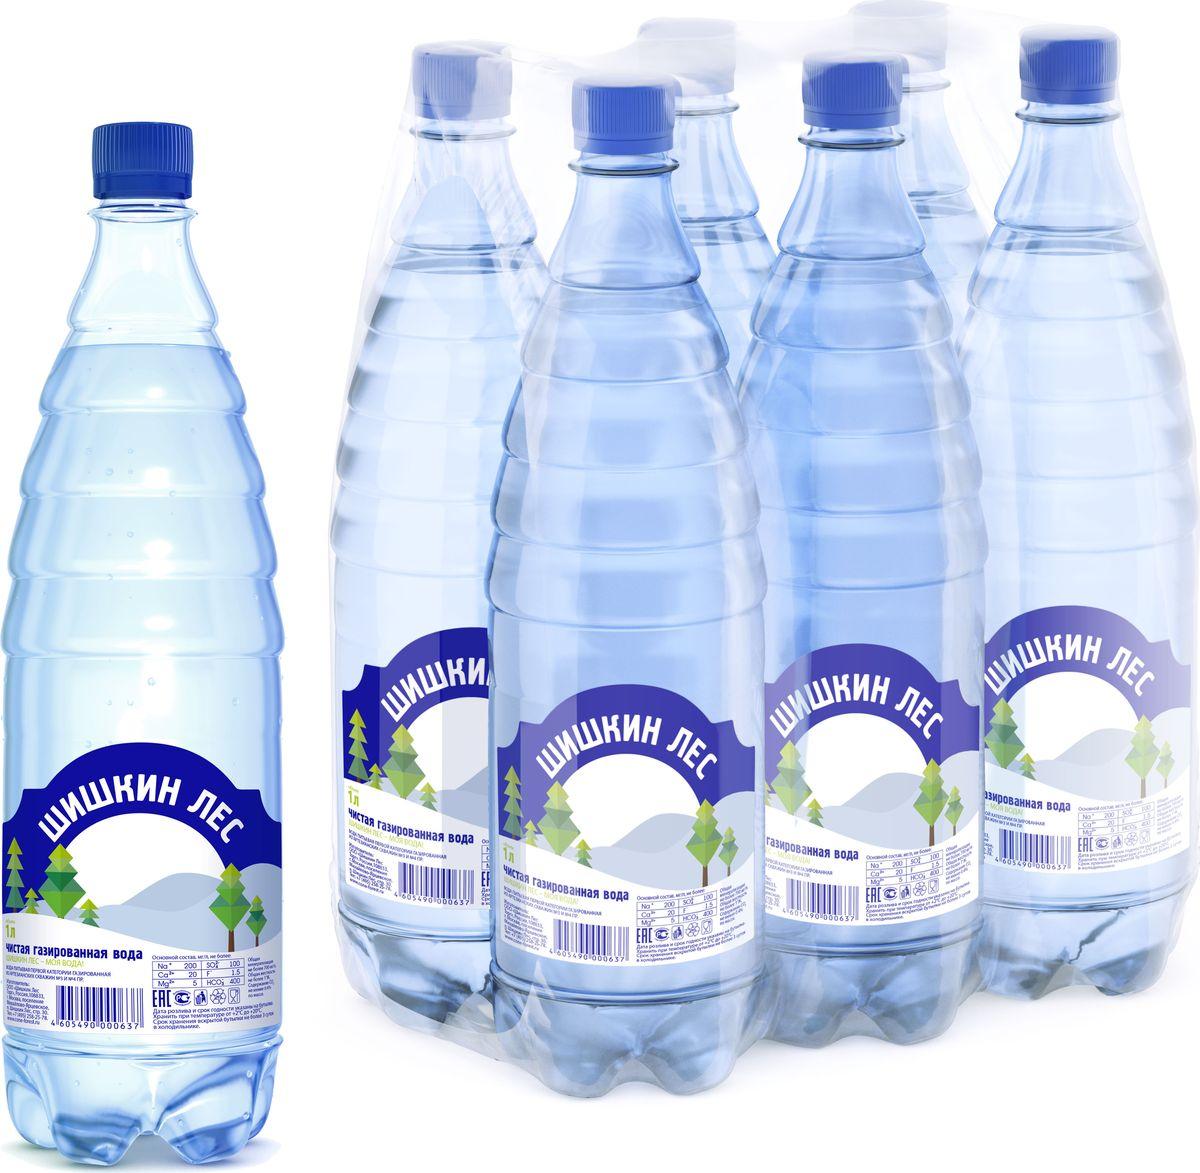 Вода питьевая газированная Шишкин лес, 6 шт по 1 л шишкин лес вода питьевая 1 л